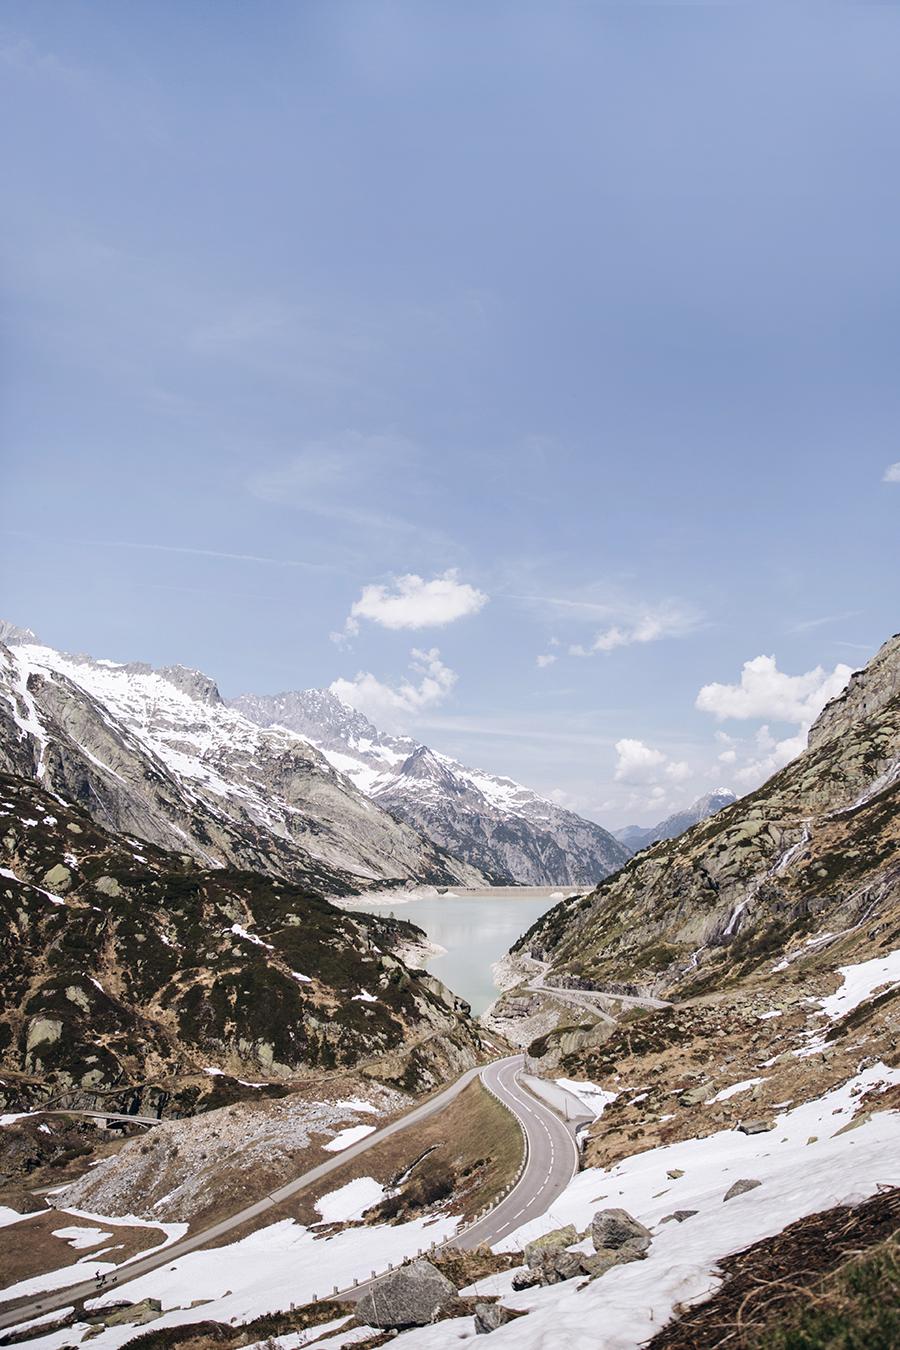 roadtrip_la_suisse_park_veggis_mont_pilatus_col_de_grimsel_55